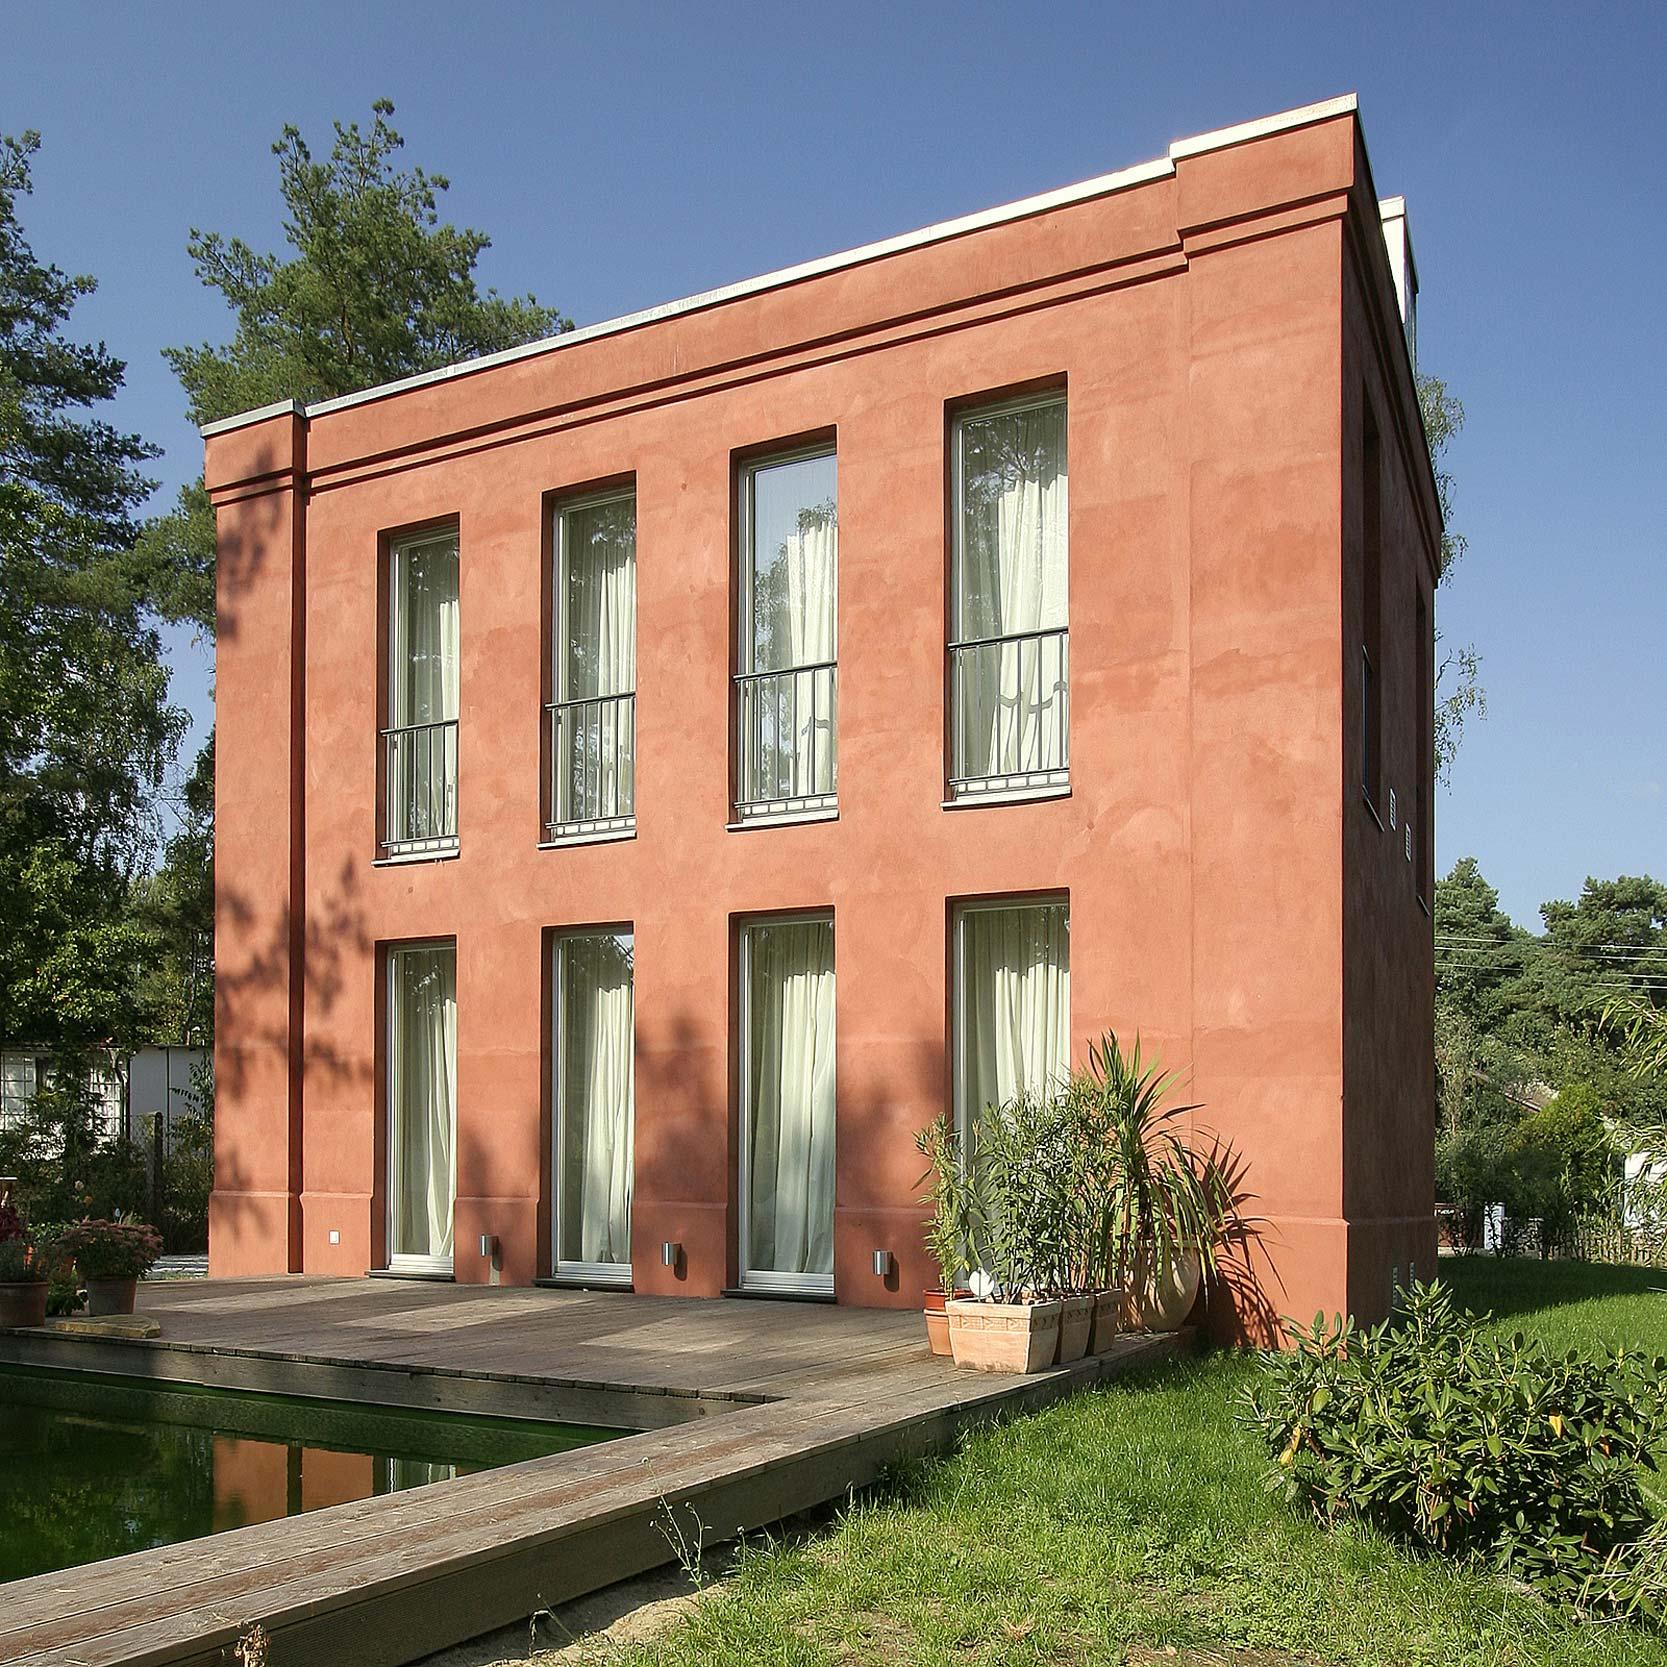 Neubau eines klassischen hauses in bewaldeter umgebung for Klassisches haus bauen